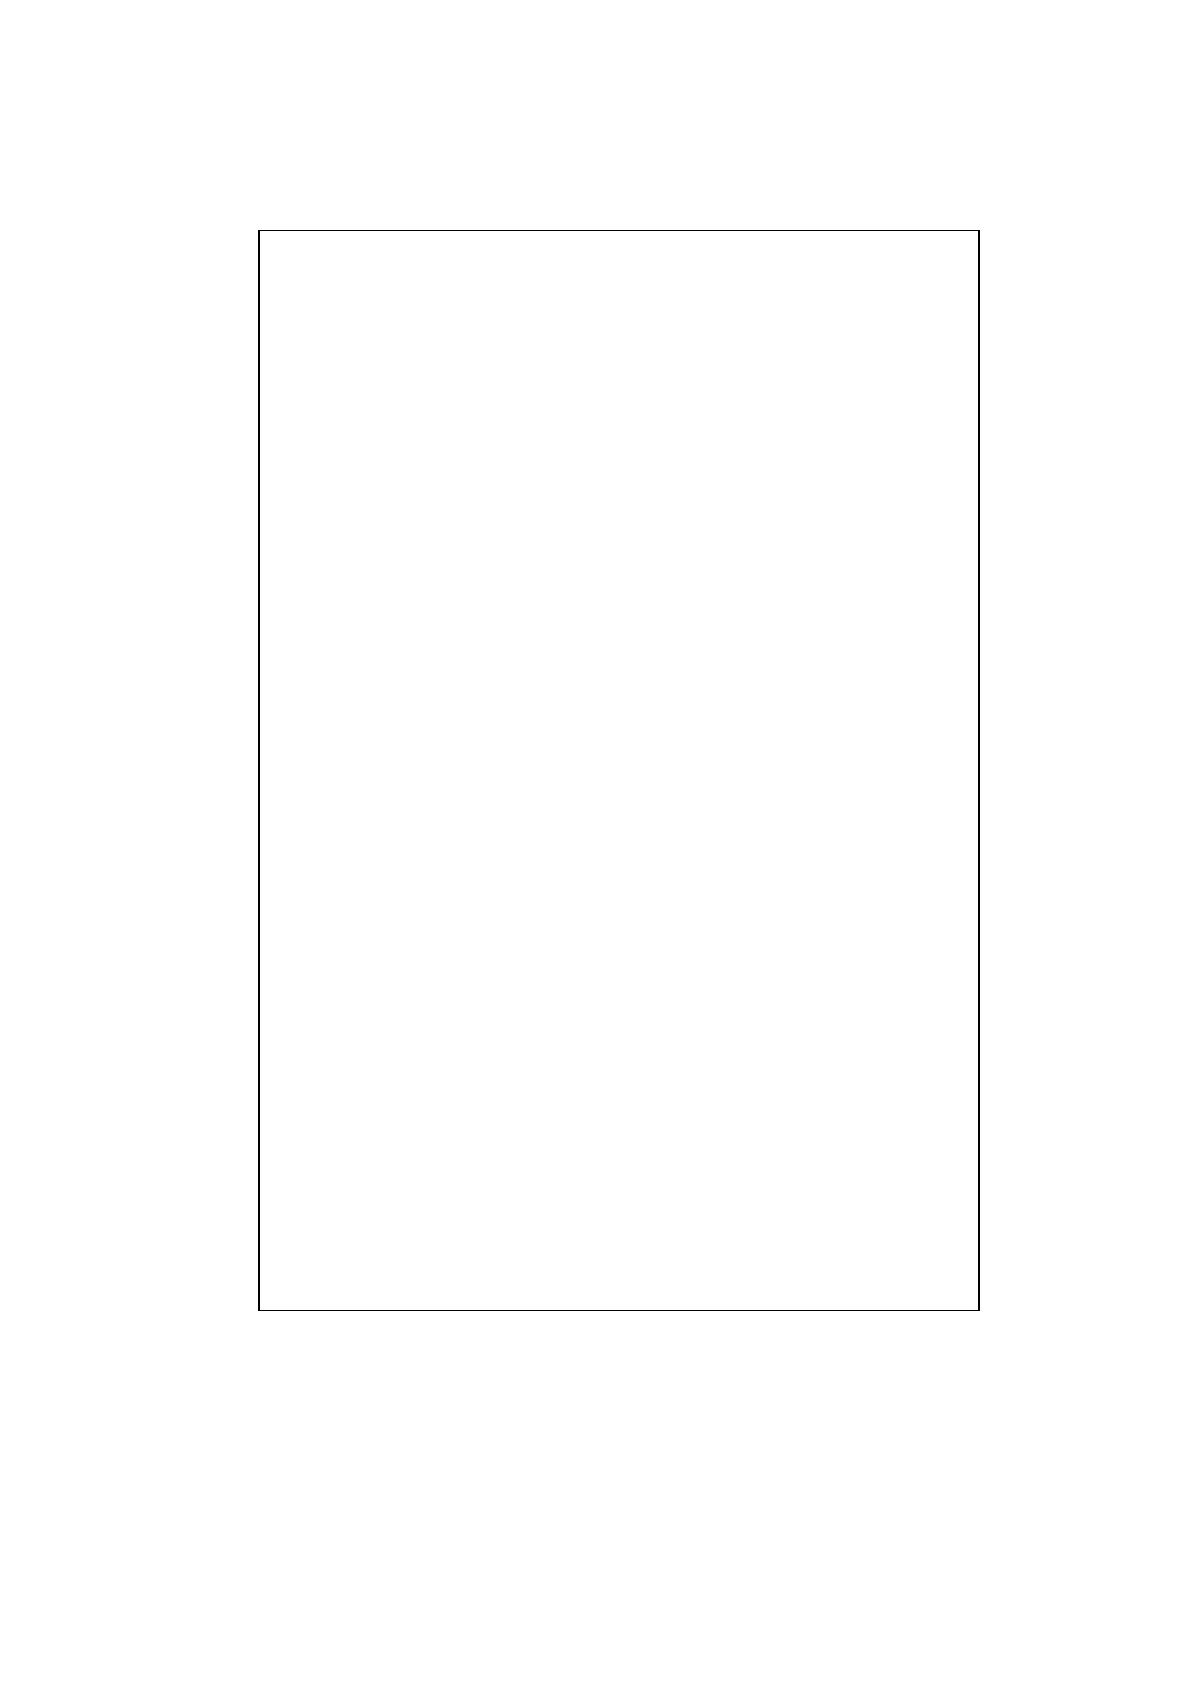 Bedienungsanleitung Luxor WM 1042 Seite 1 Von 30 Deutsch